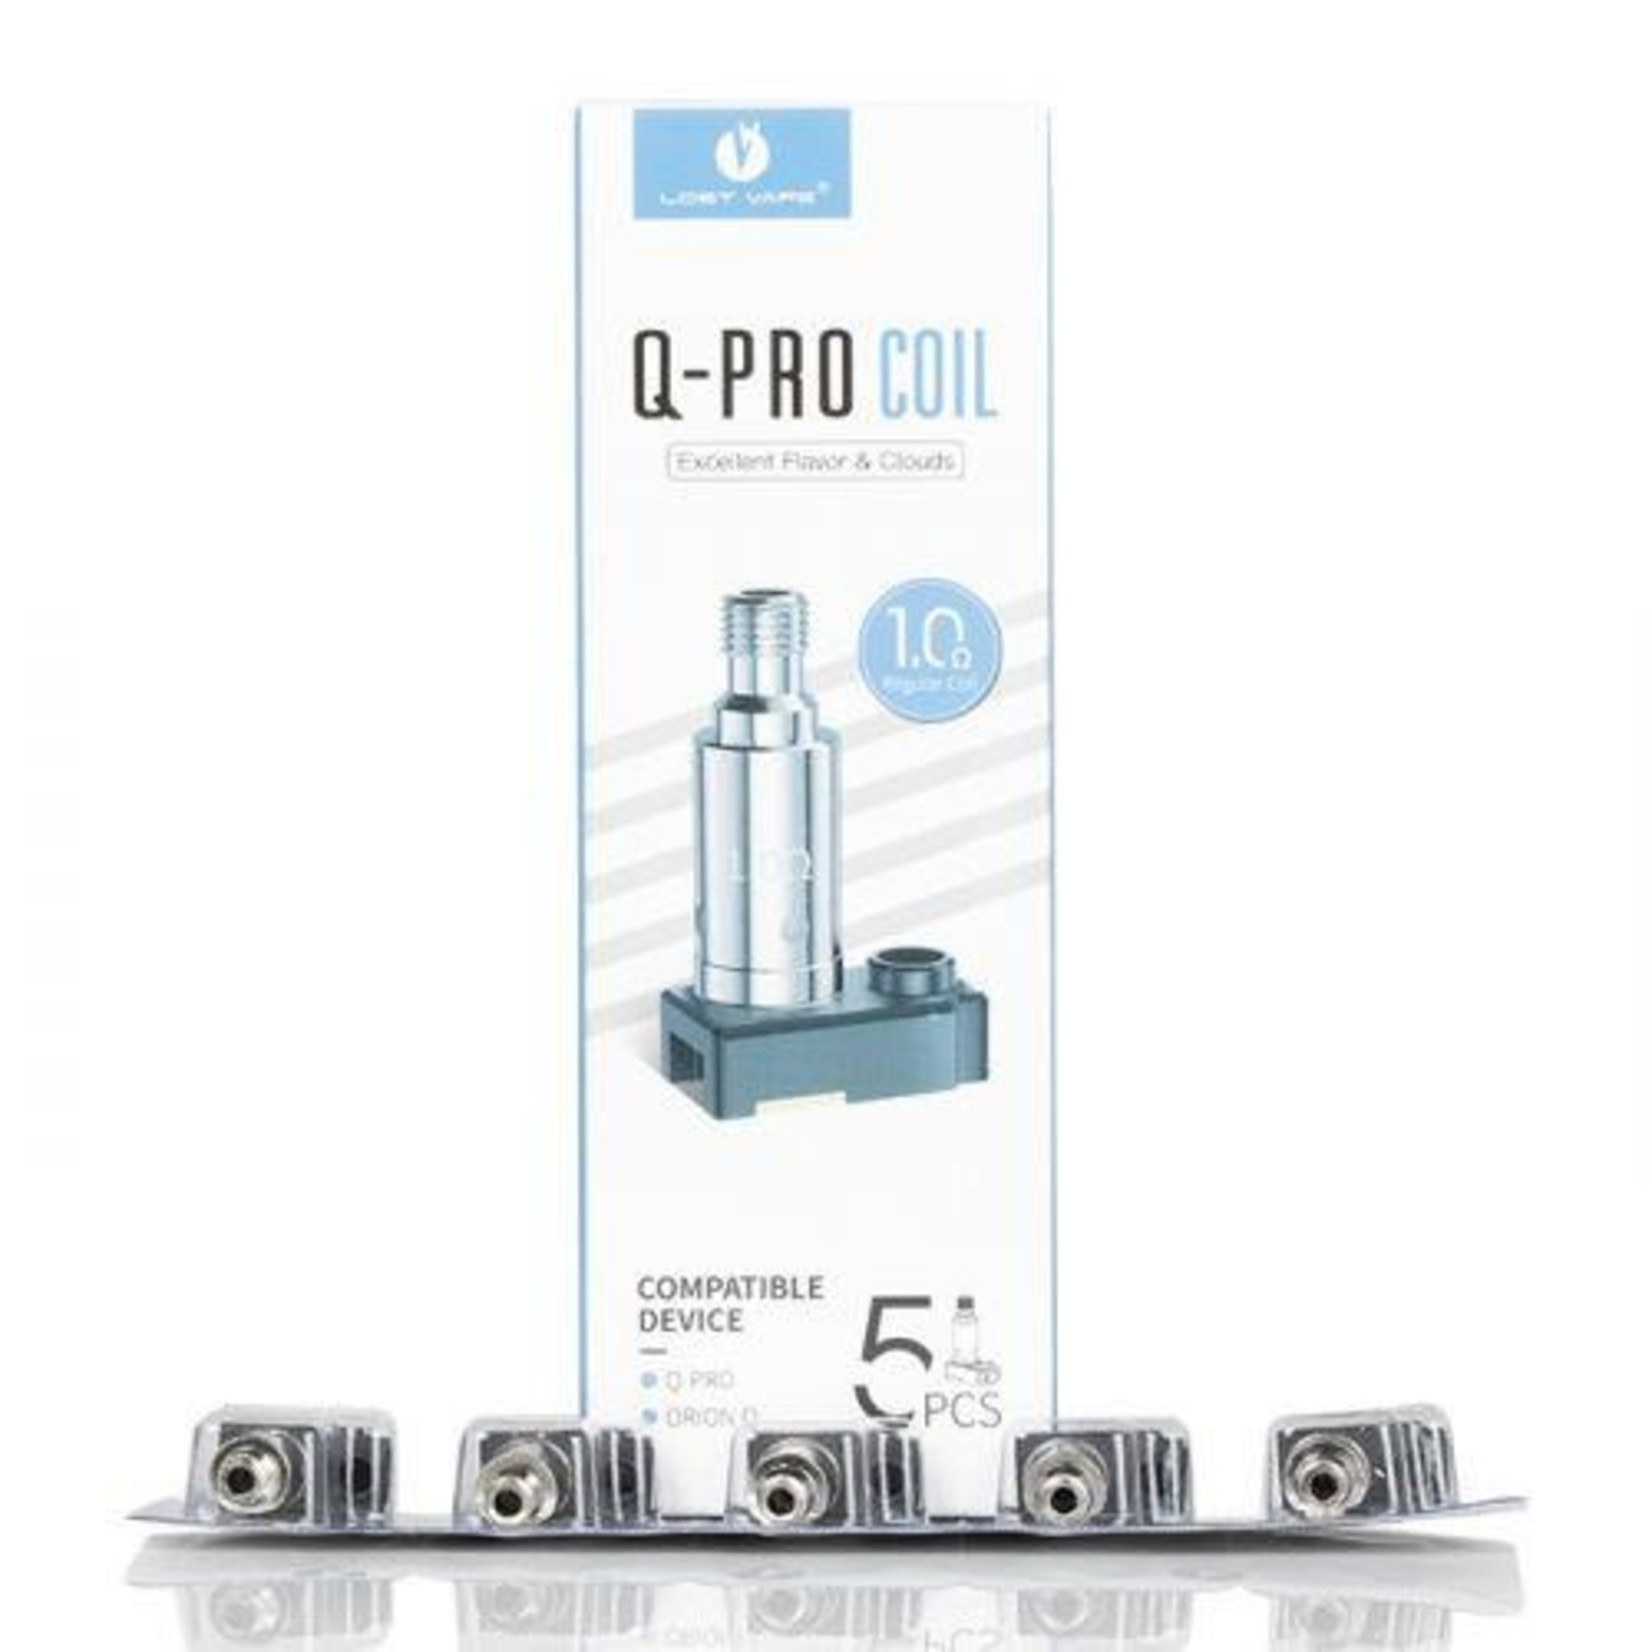 Lost Vape Orion Q Pro 1.0ohm Coil